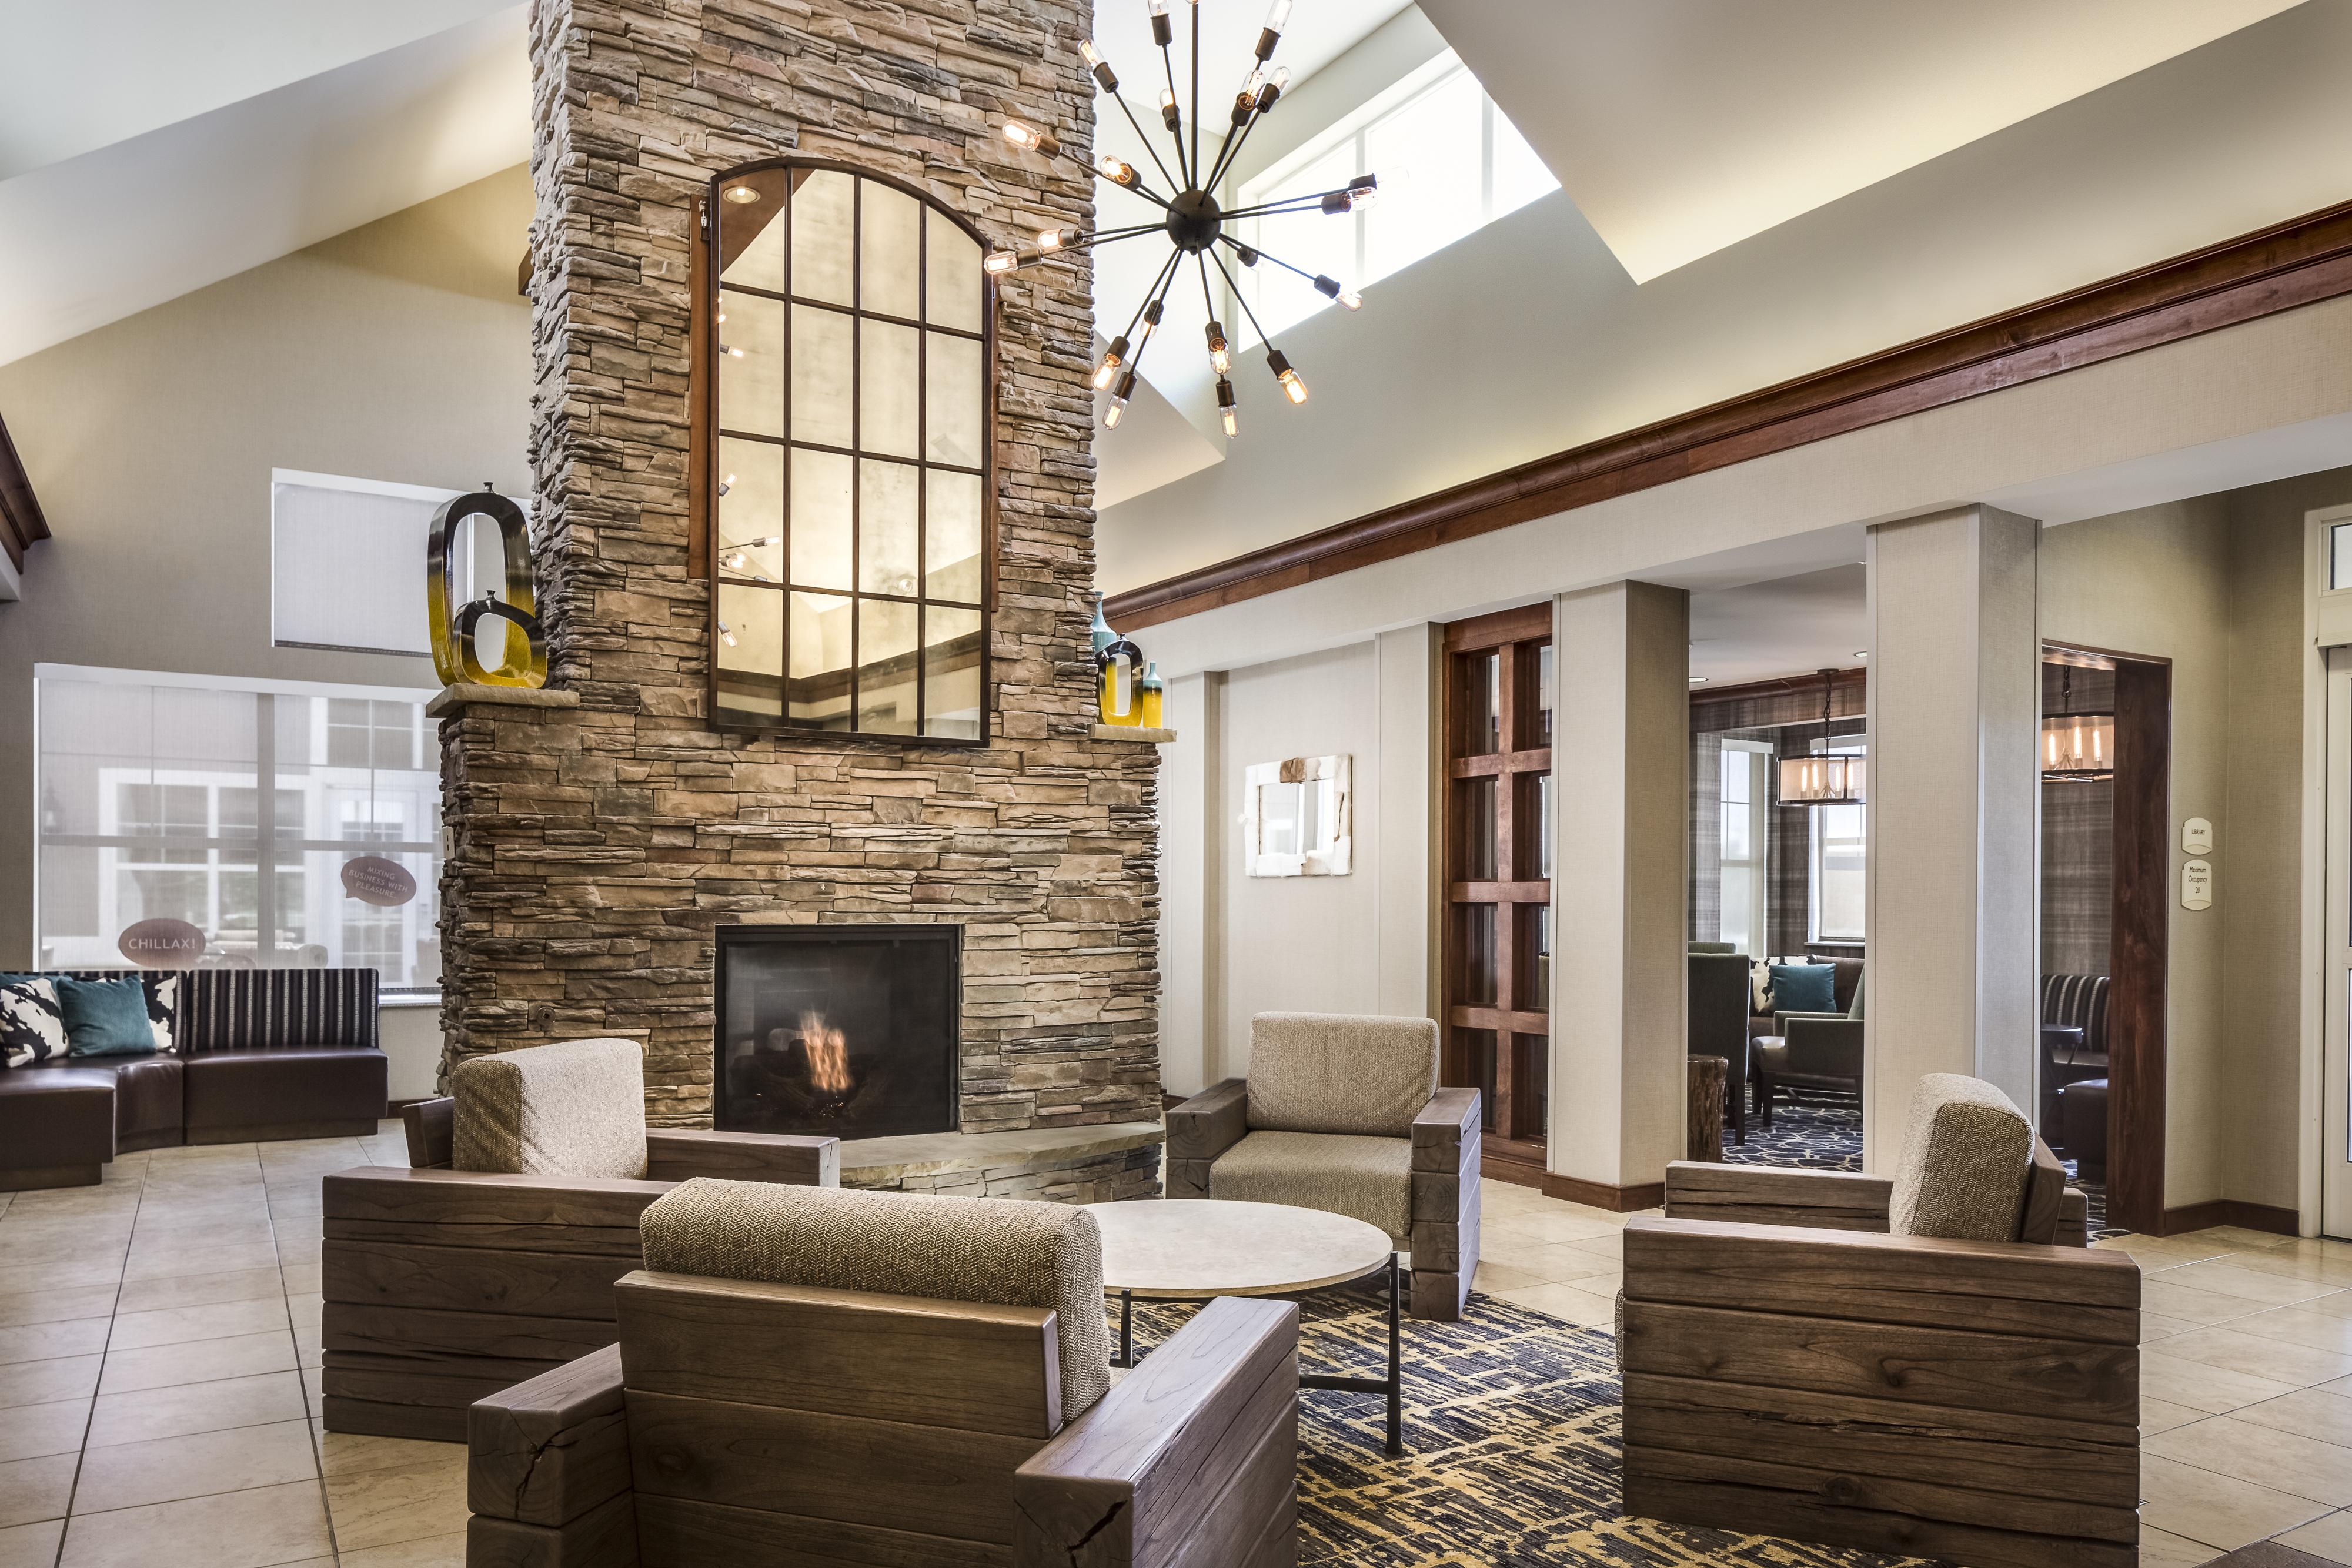 Residence Inn Billings, Montana Lobby Renovation